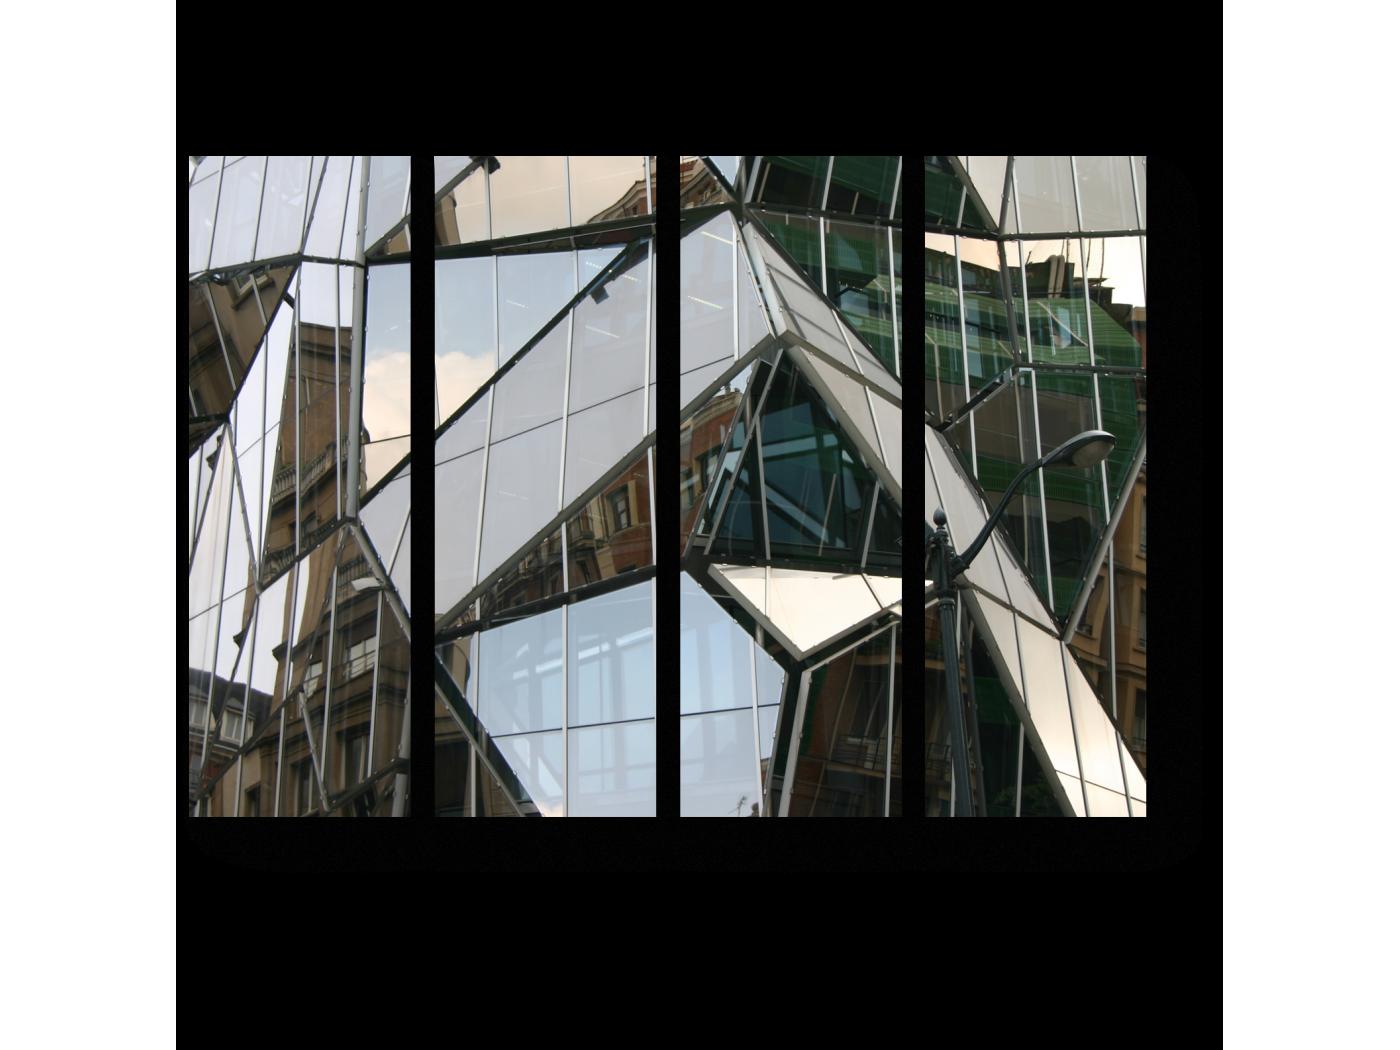 Модульная картина Современный облик (60x45) фото